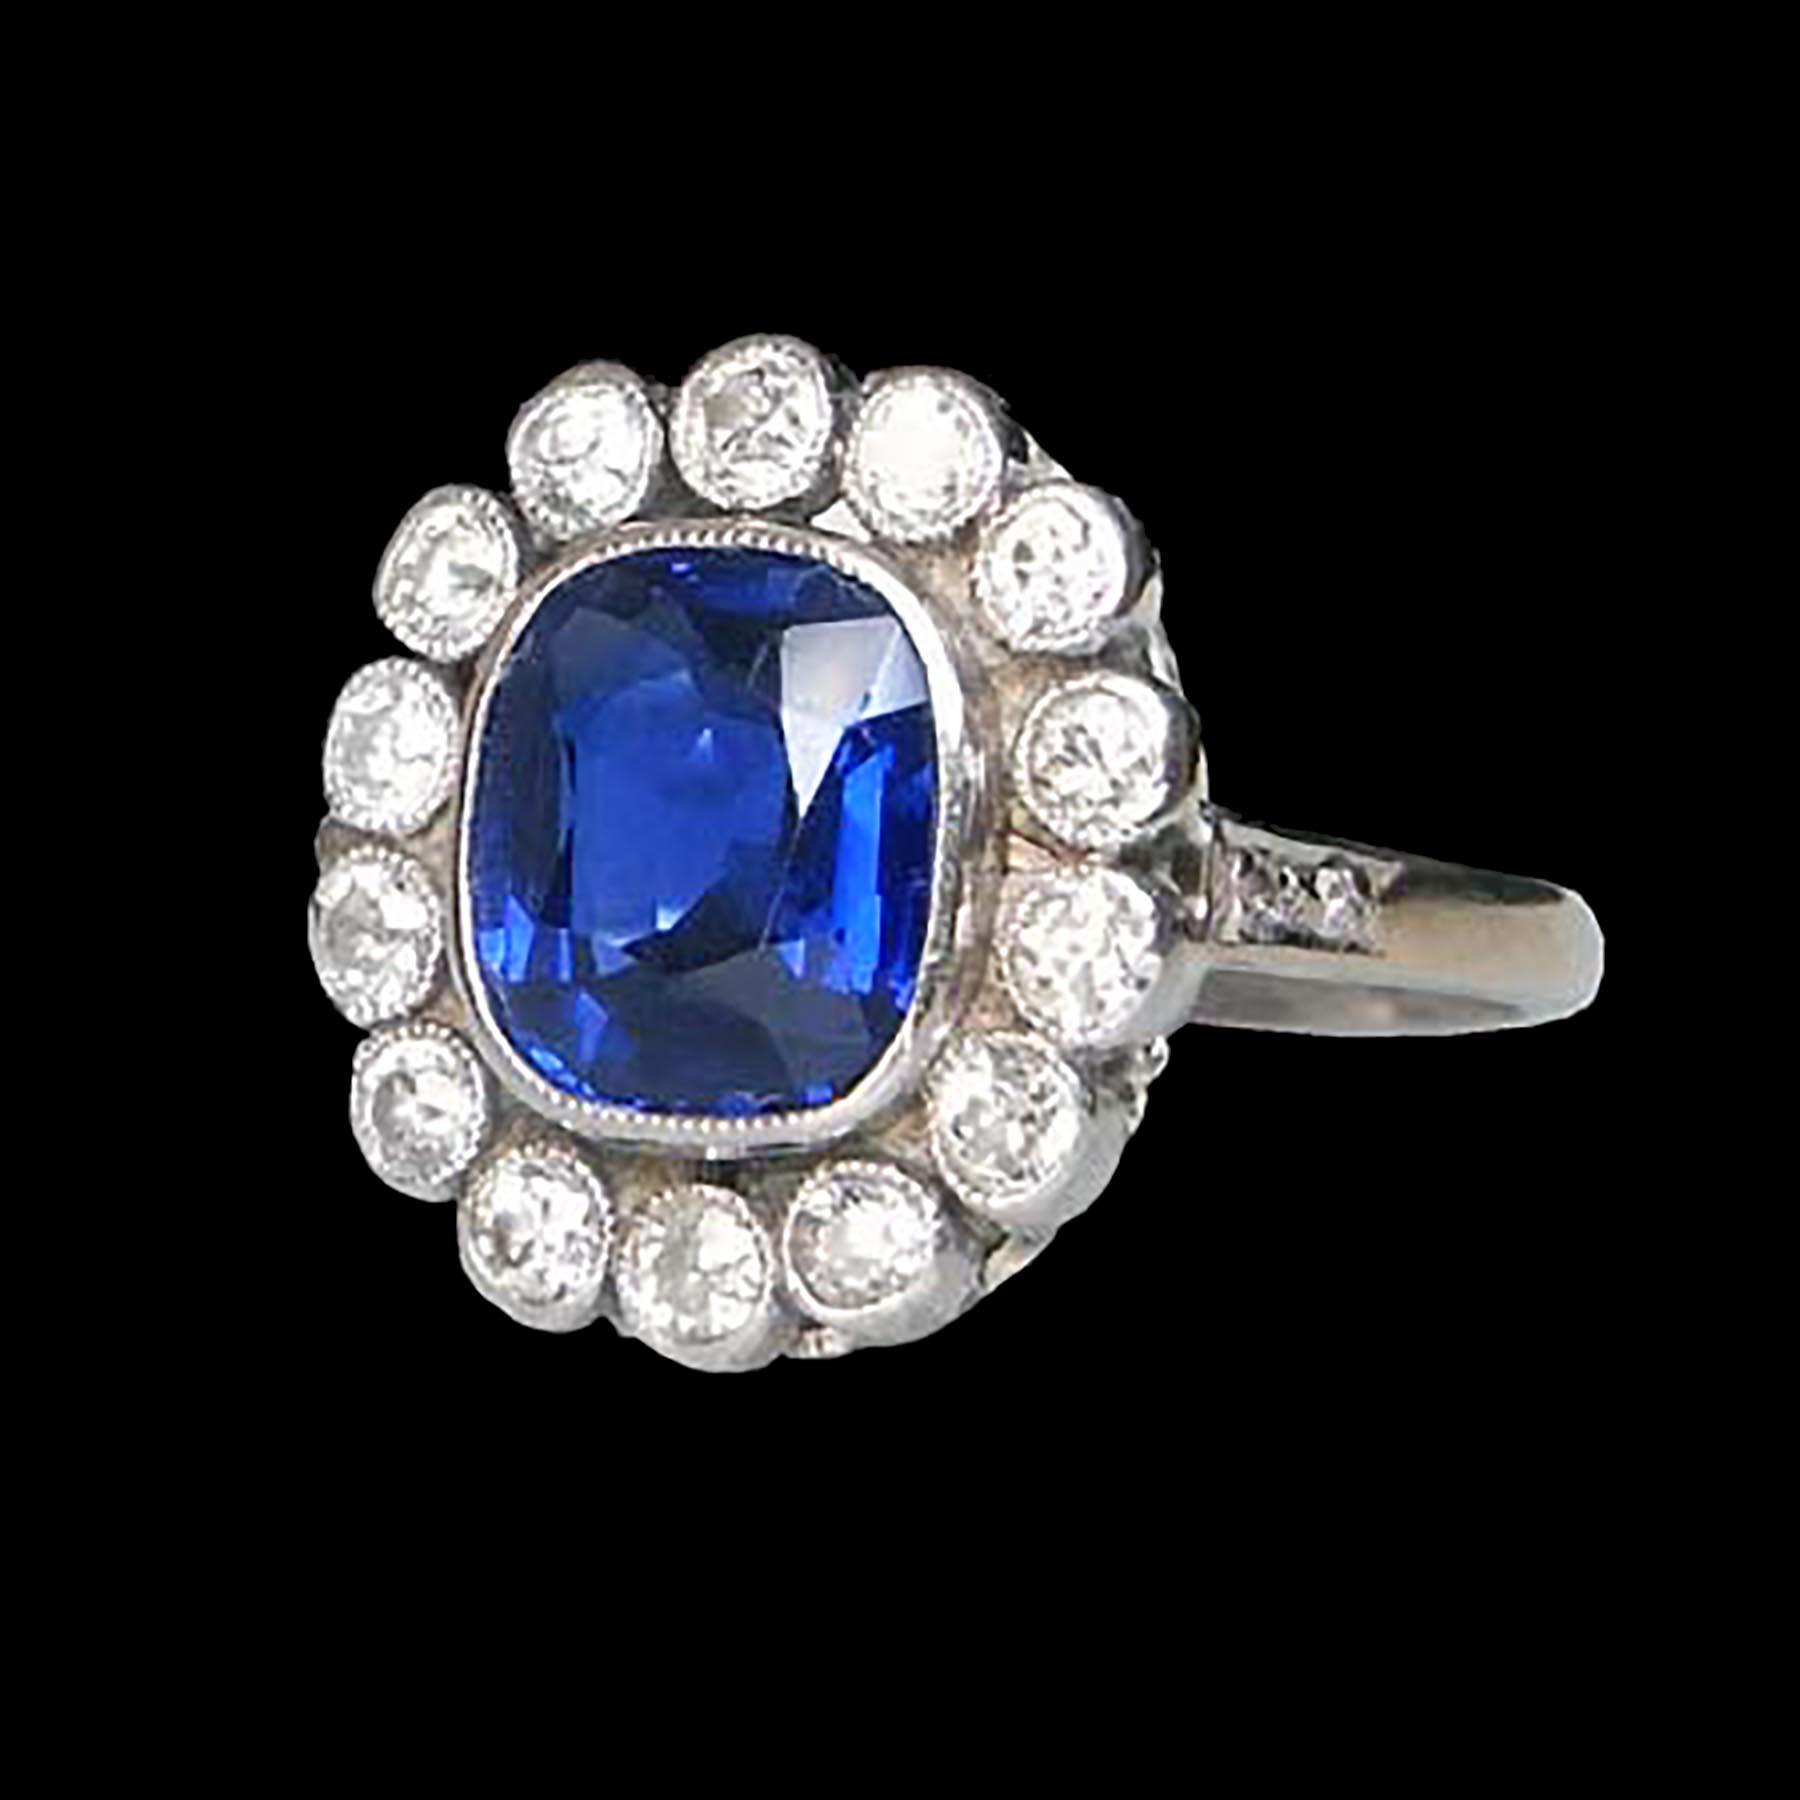 綺麗な青のサファイアのアンティークジュエリー